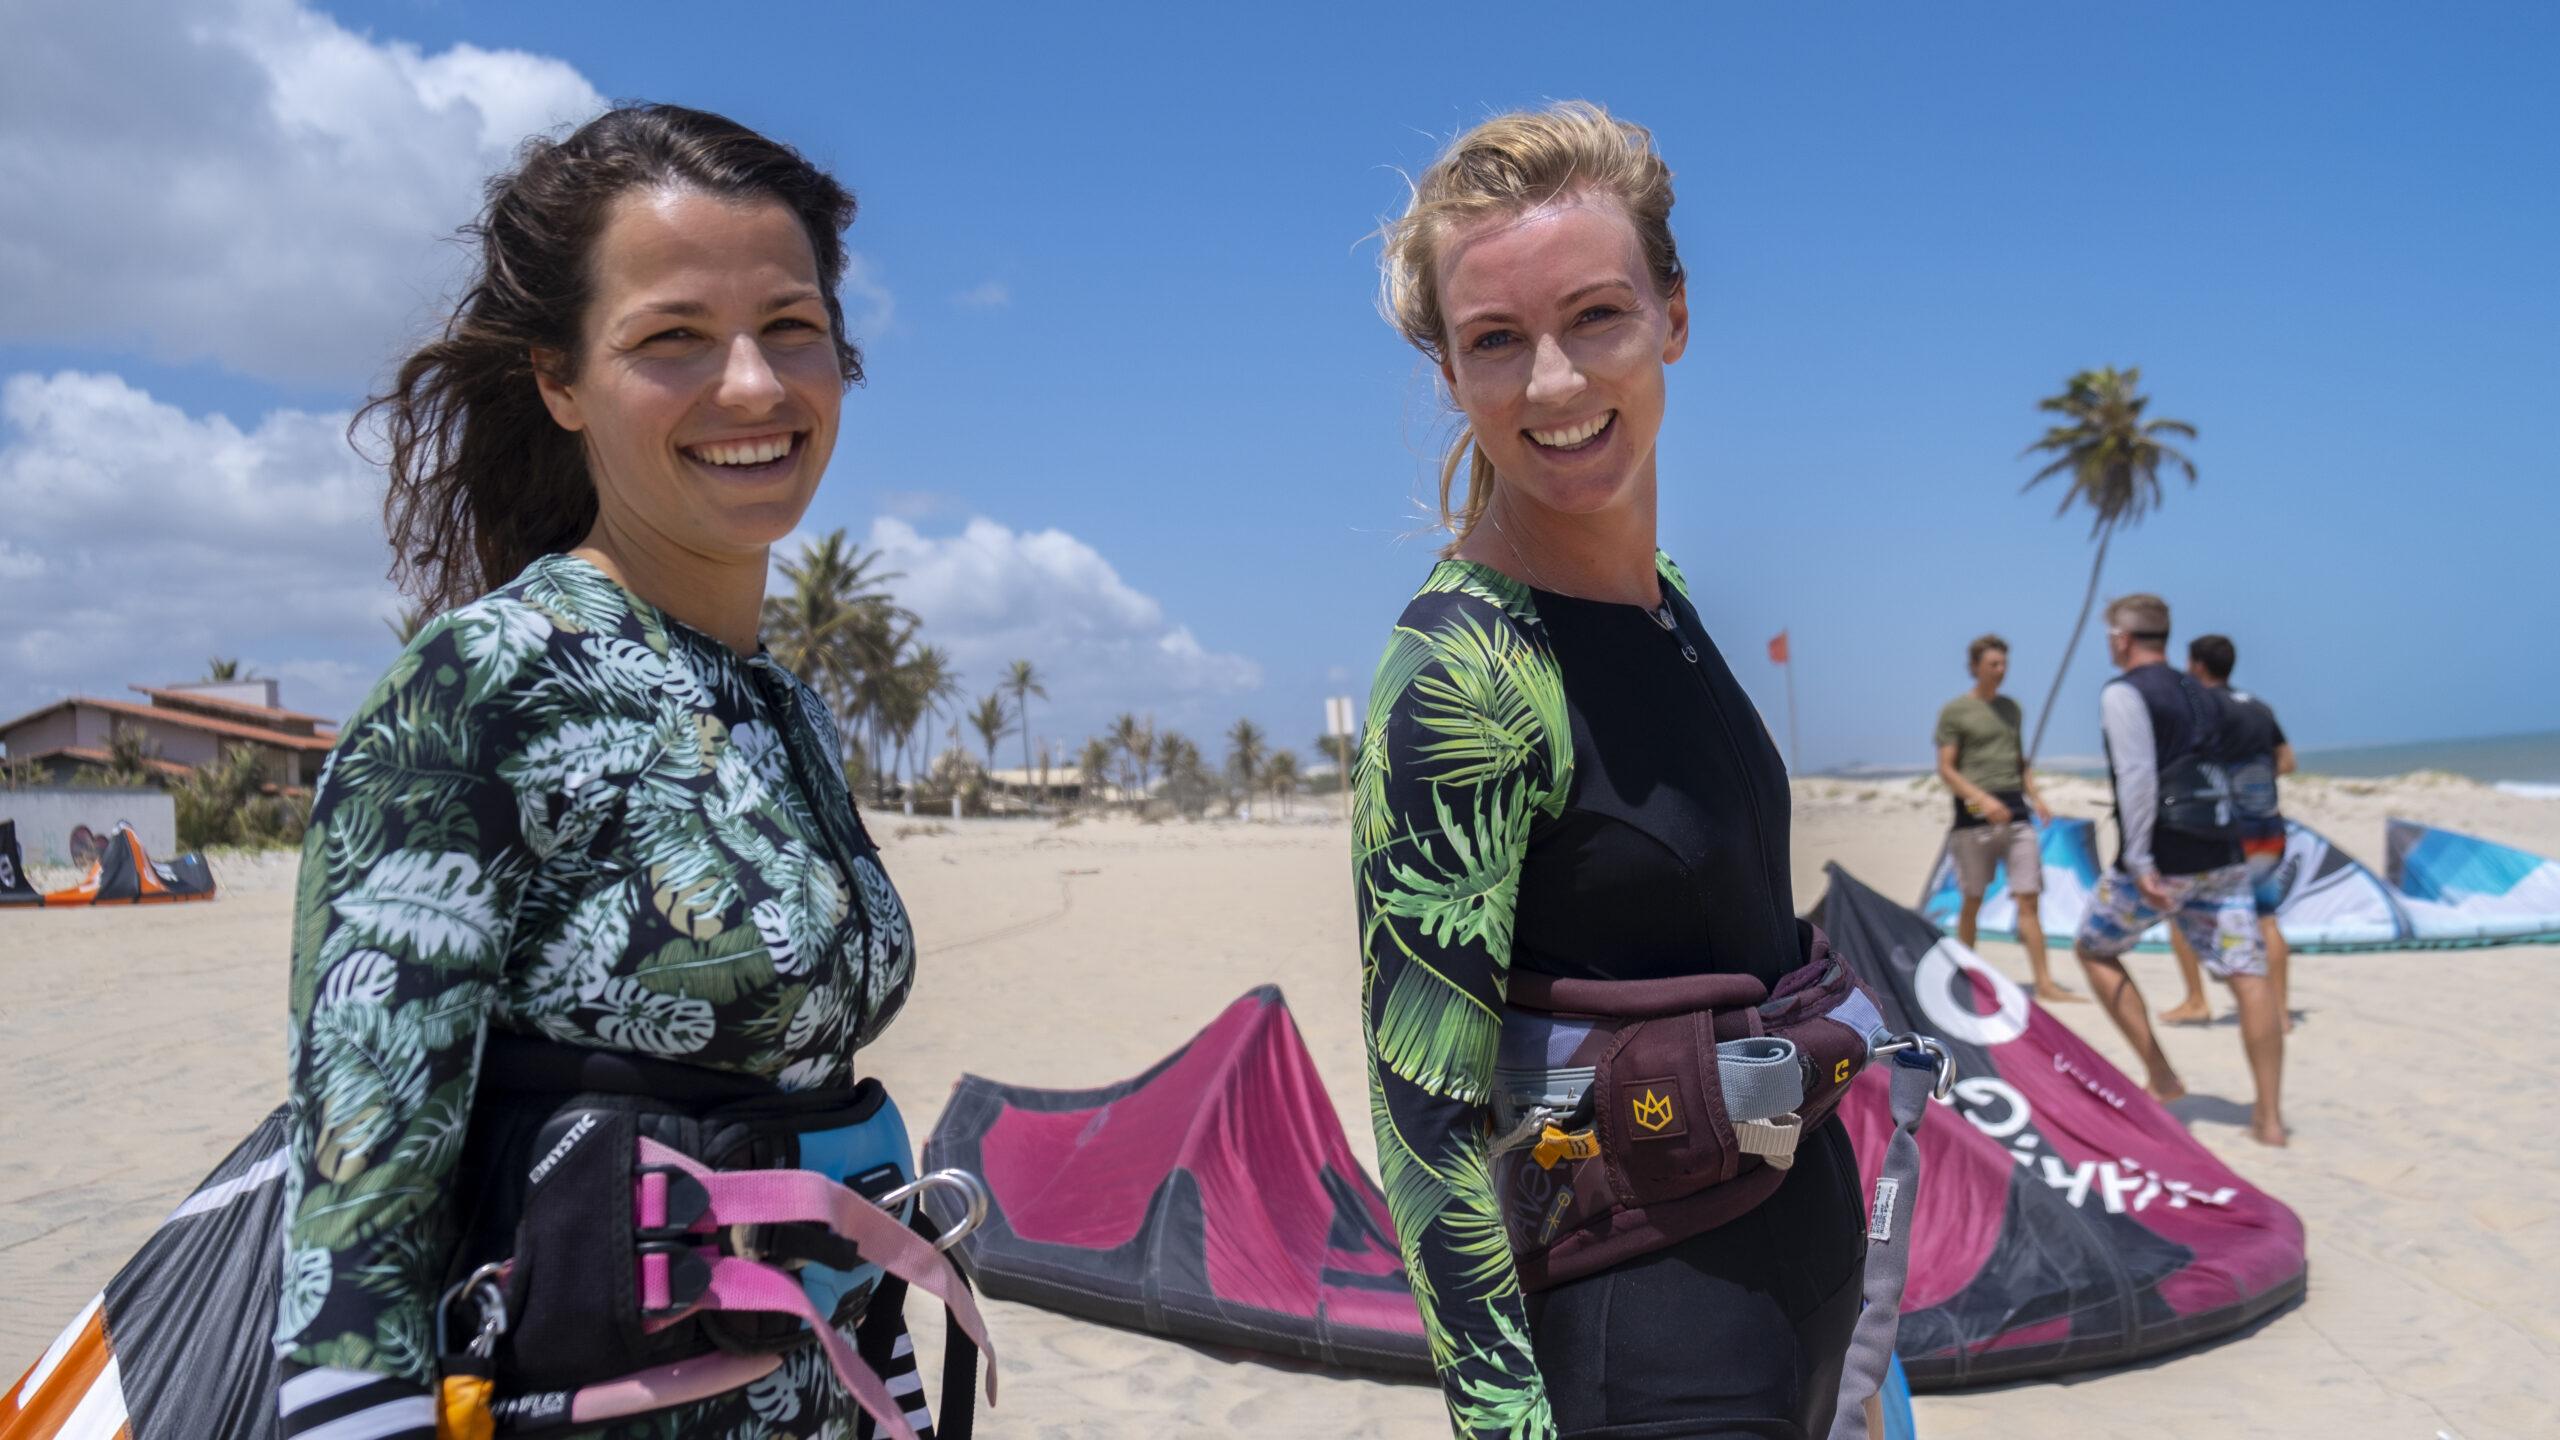 kitesurfing babes